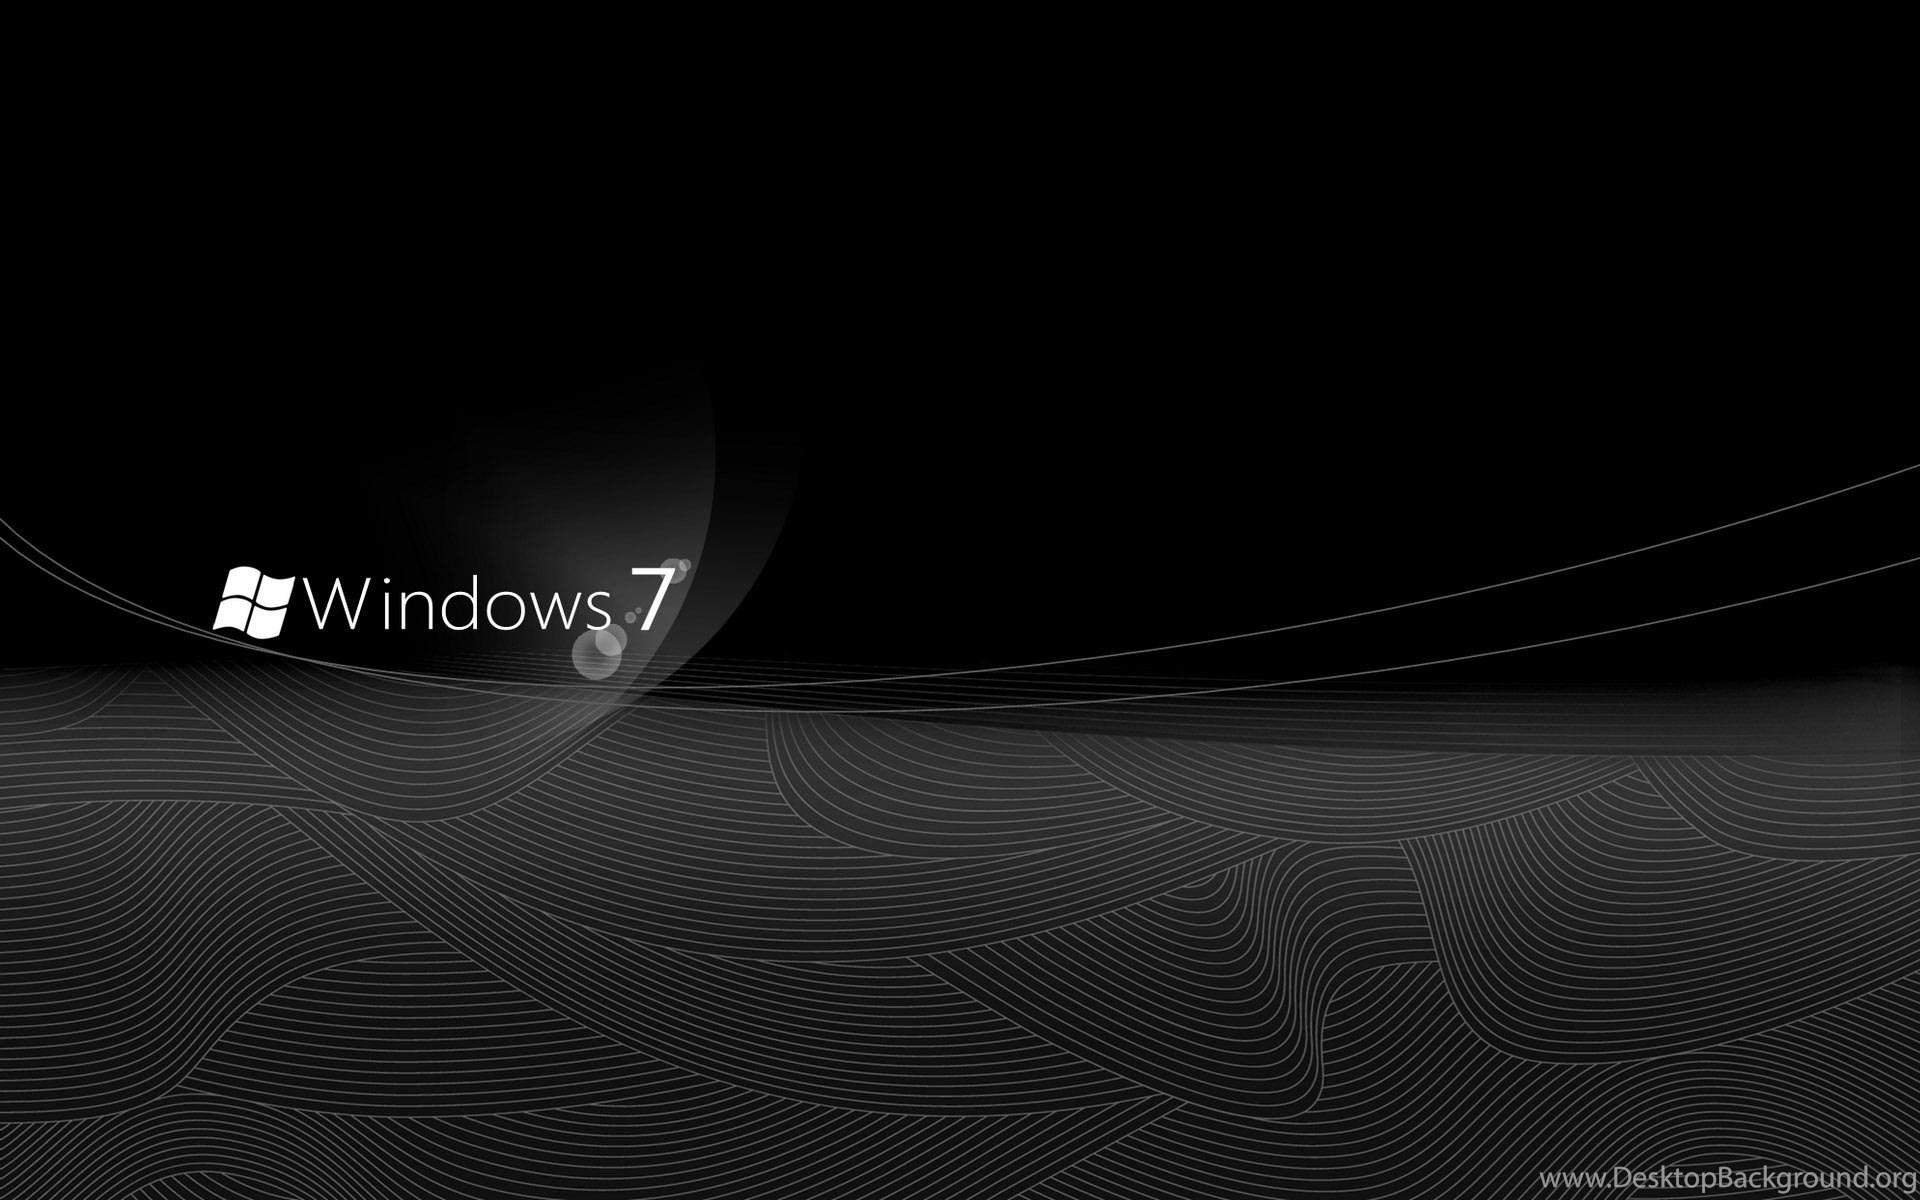 Brands Wallpaper Windows 7 Broken Screen High Definition